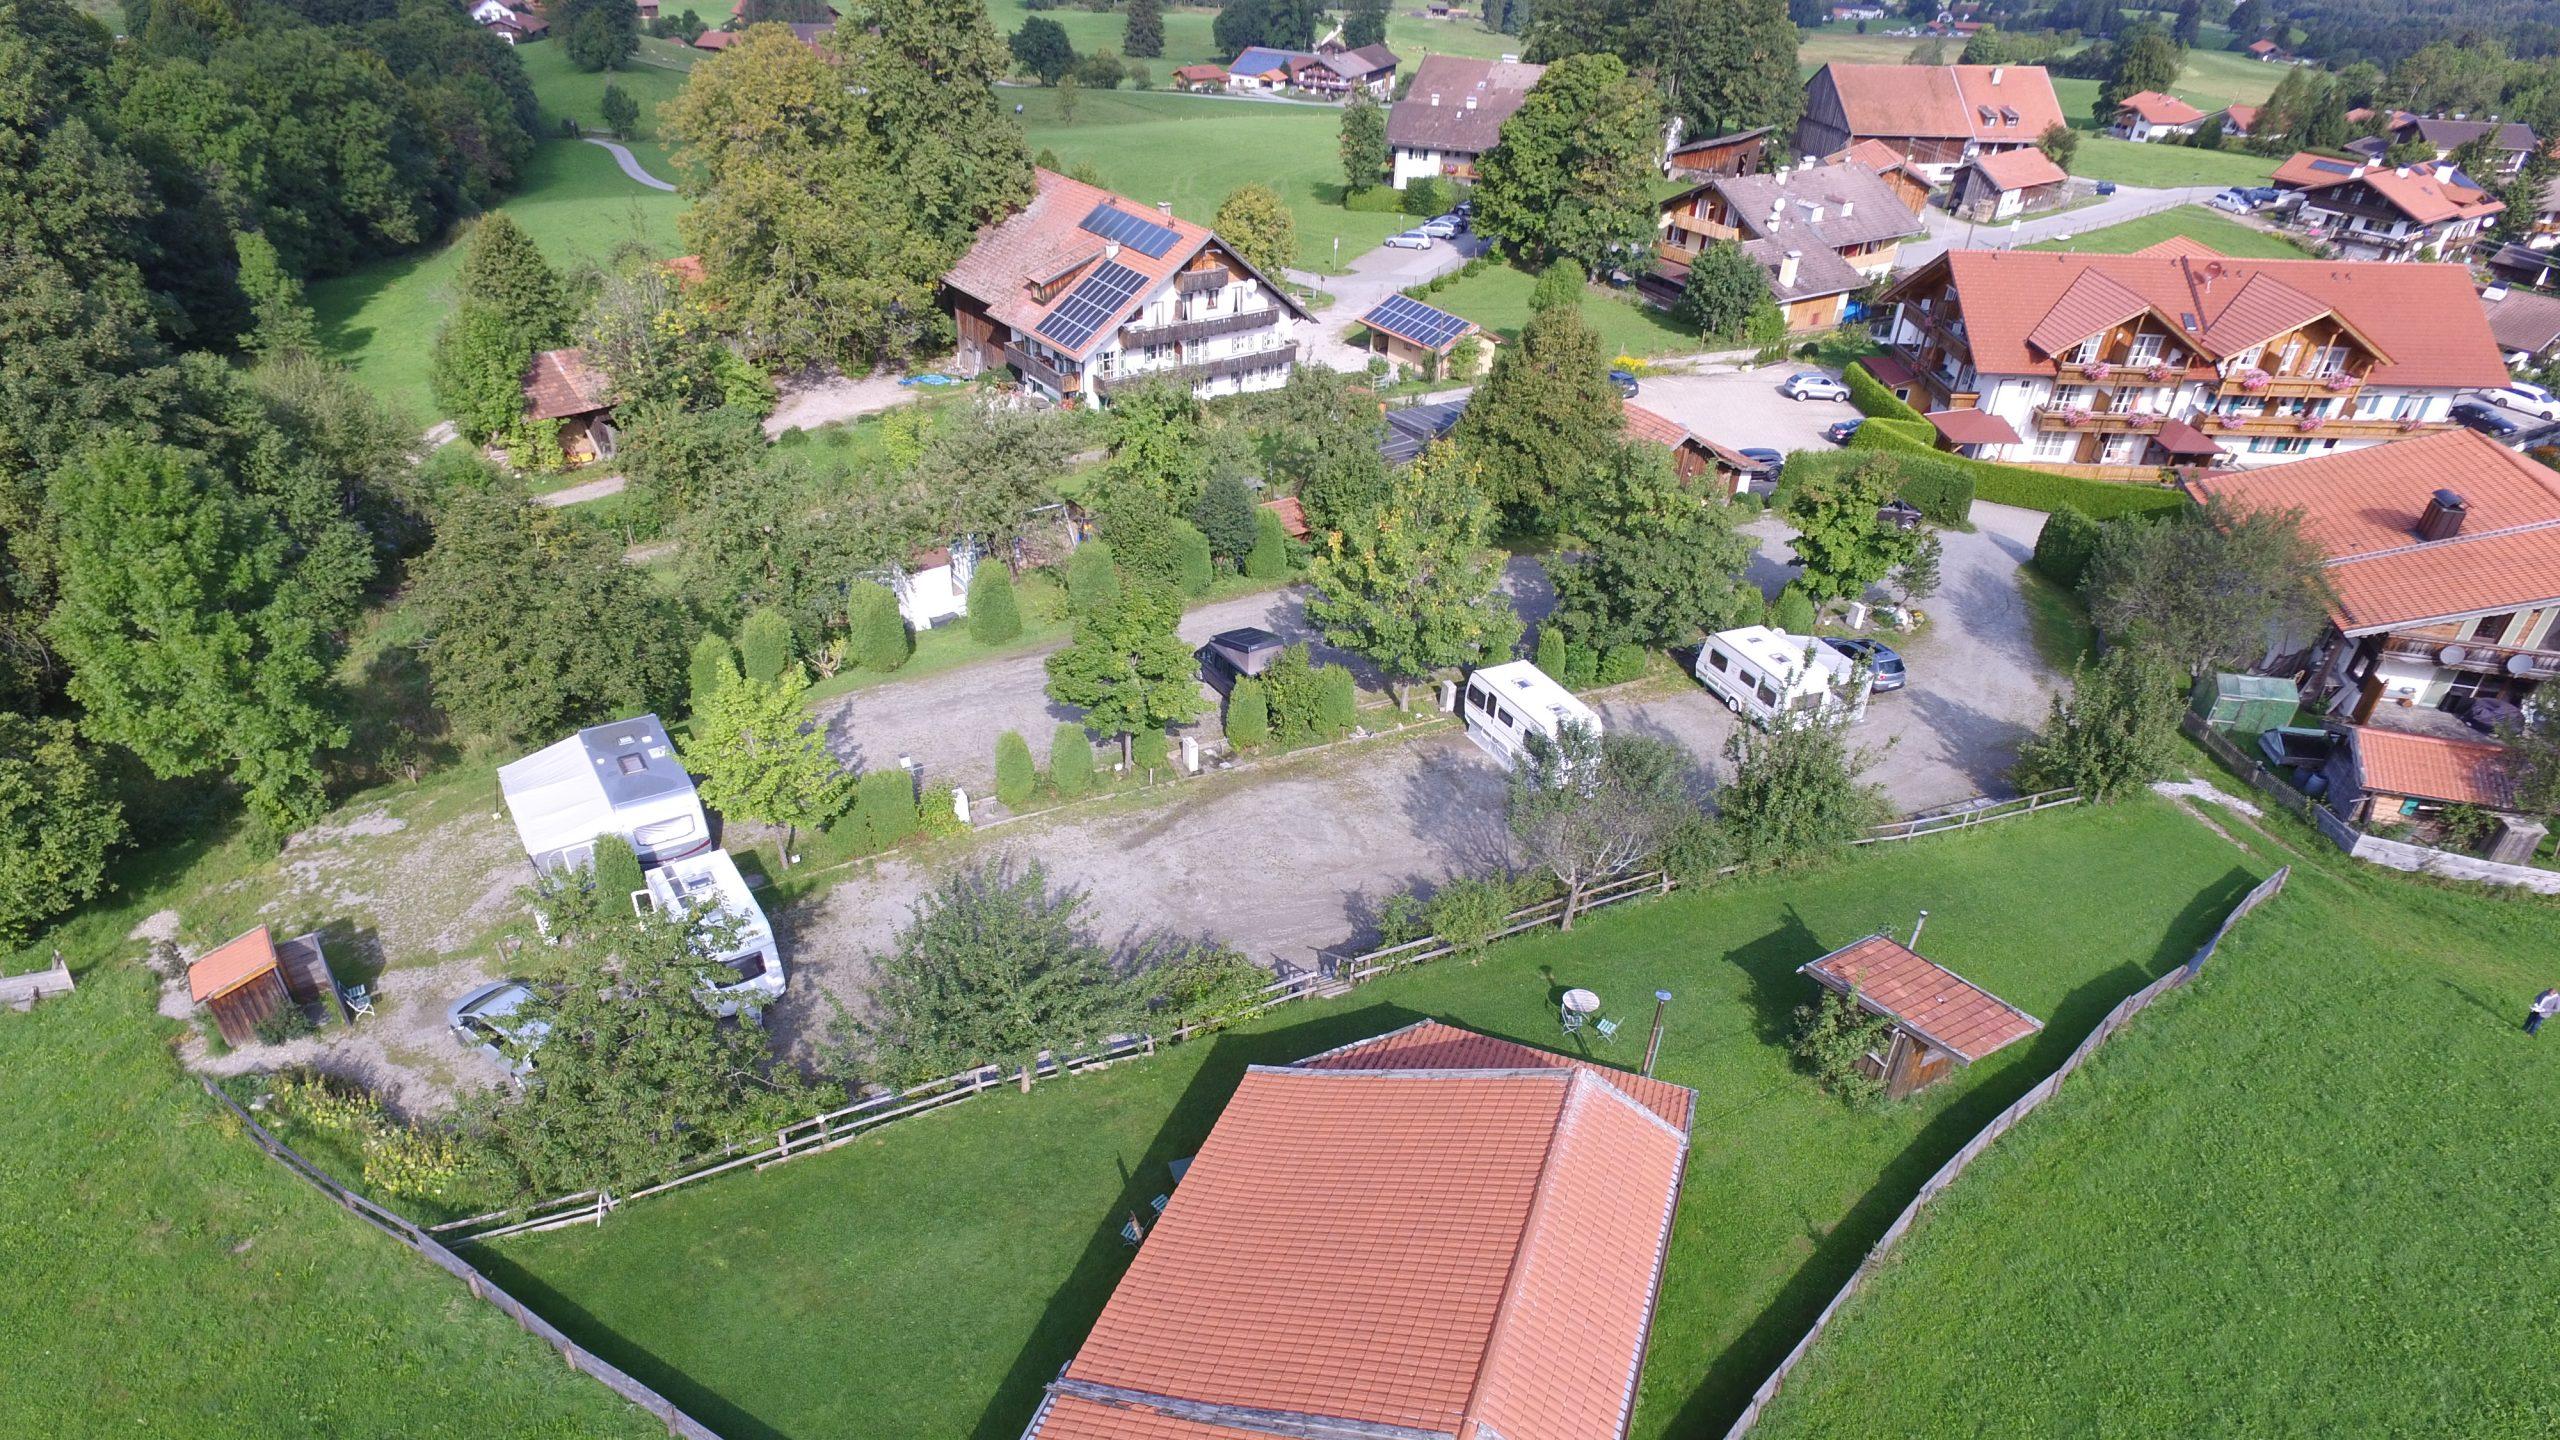 Campingoase Reindl Sonnen Bad Kohlgrub